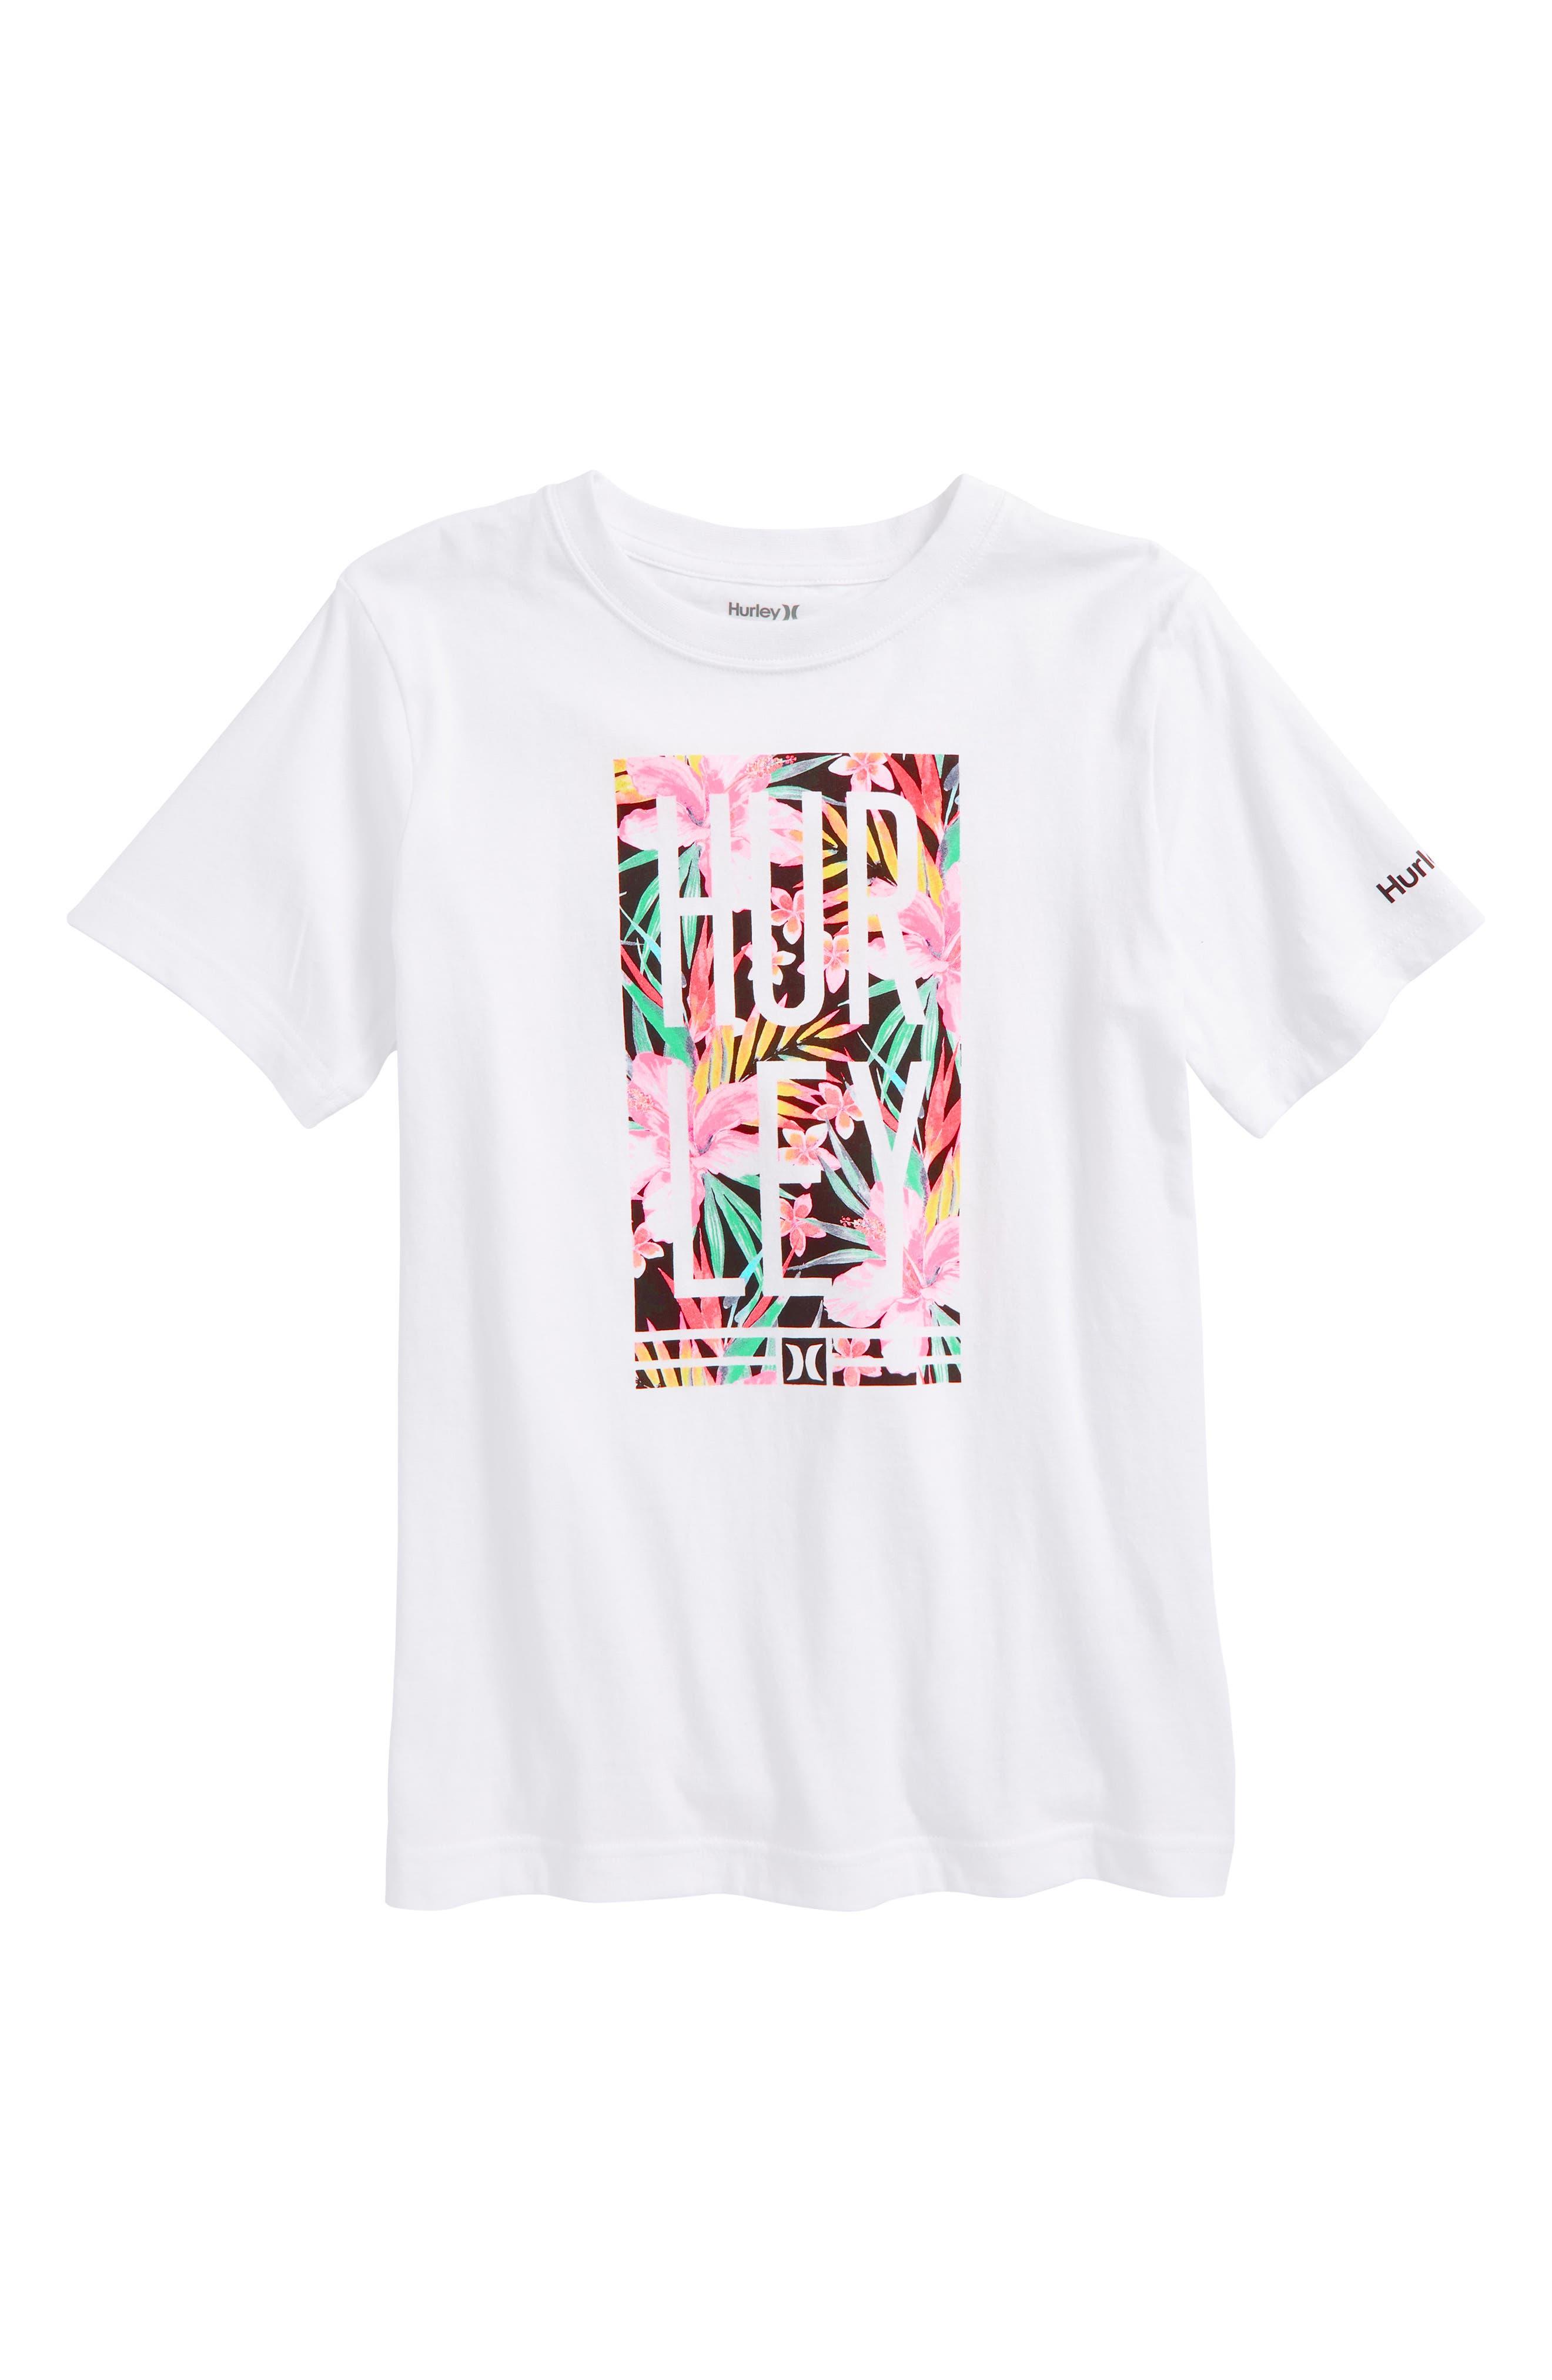 Ko Box T-Shirt,                         Main,                         color, White